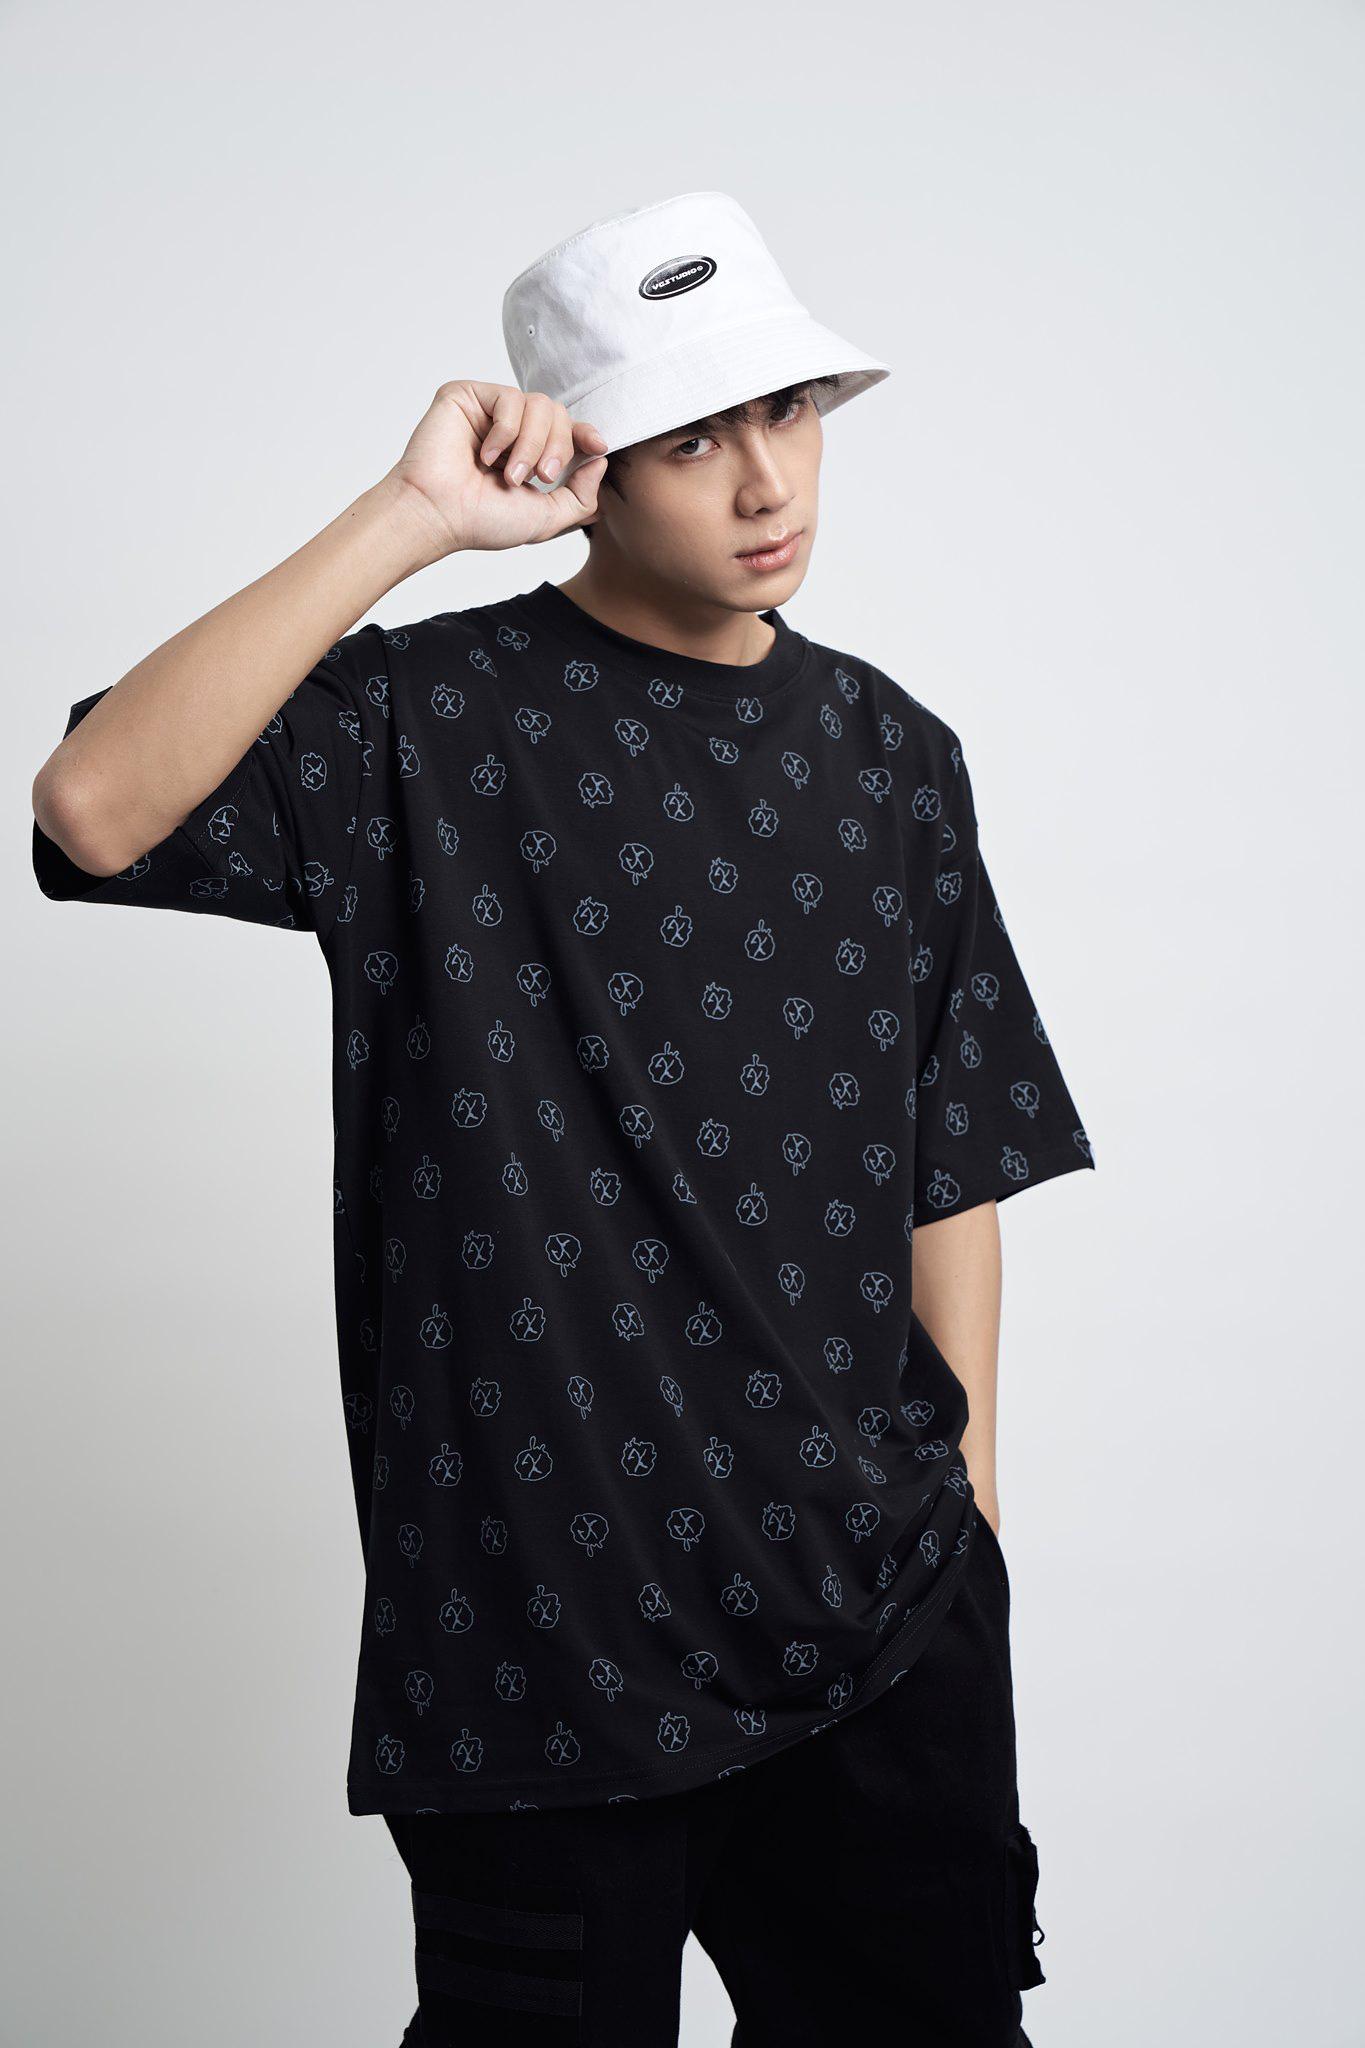 YG Shop - Ấn tượng với phong cách thời trang streetwear - Ảnh 5.